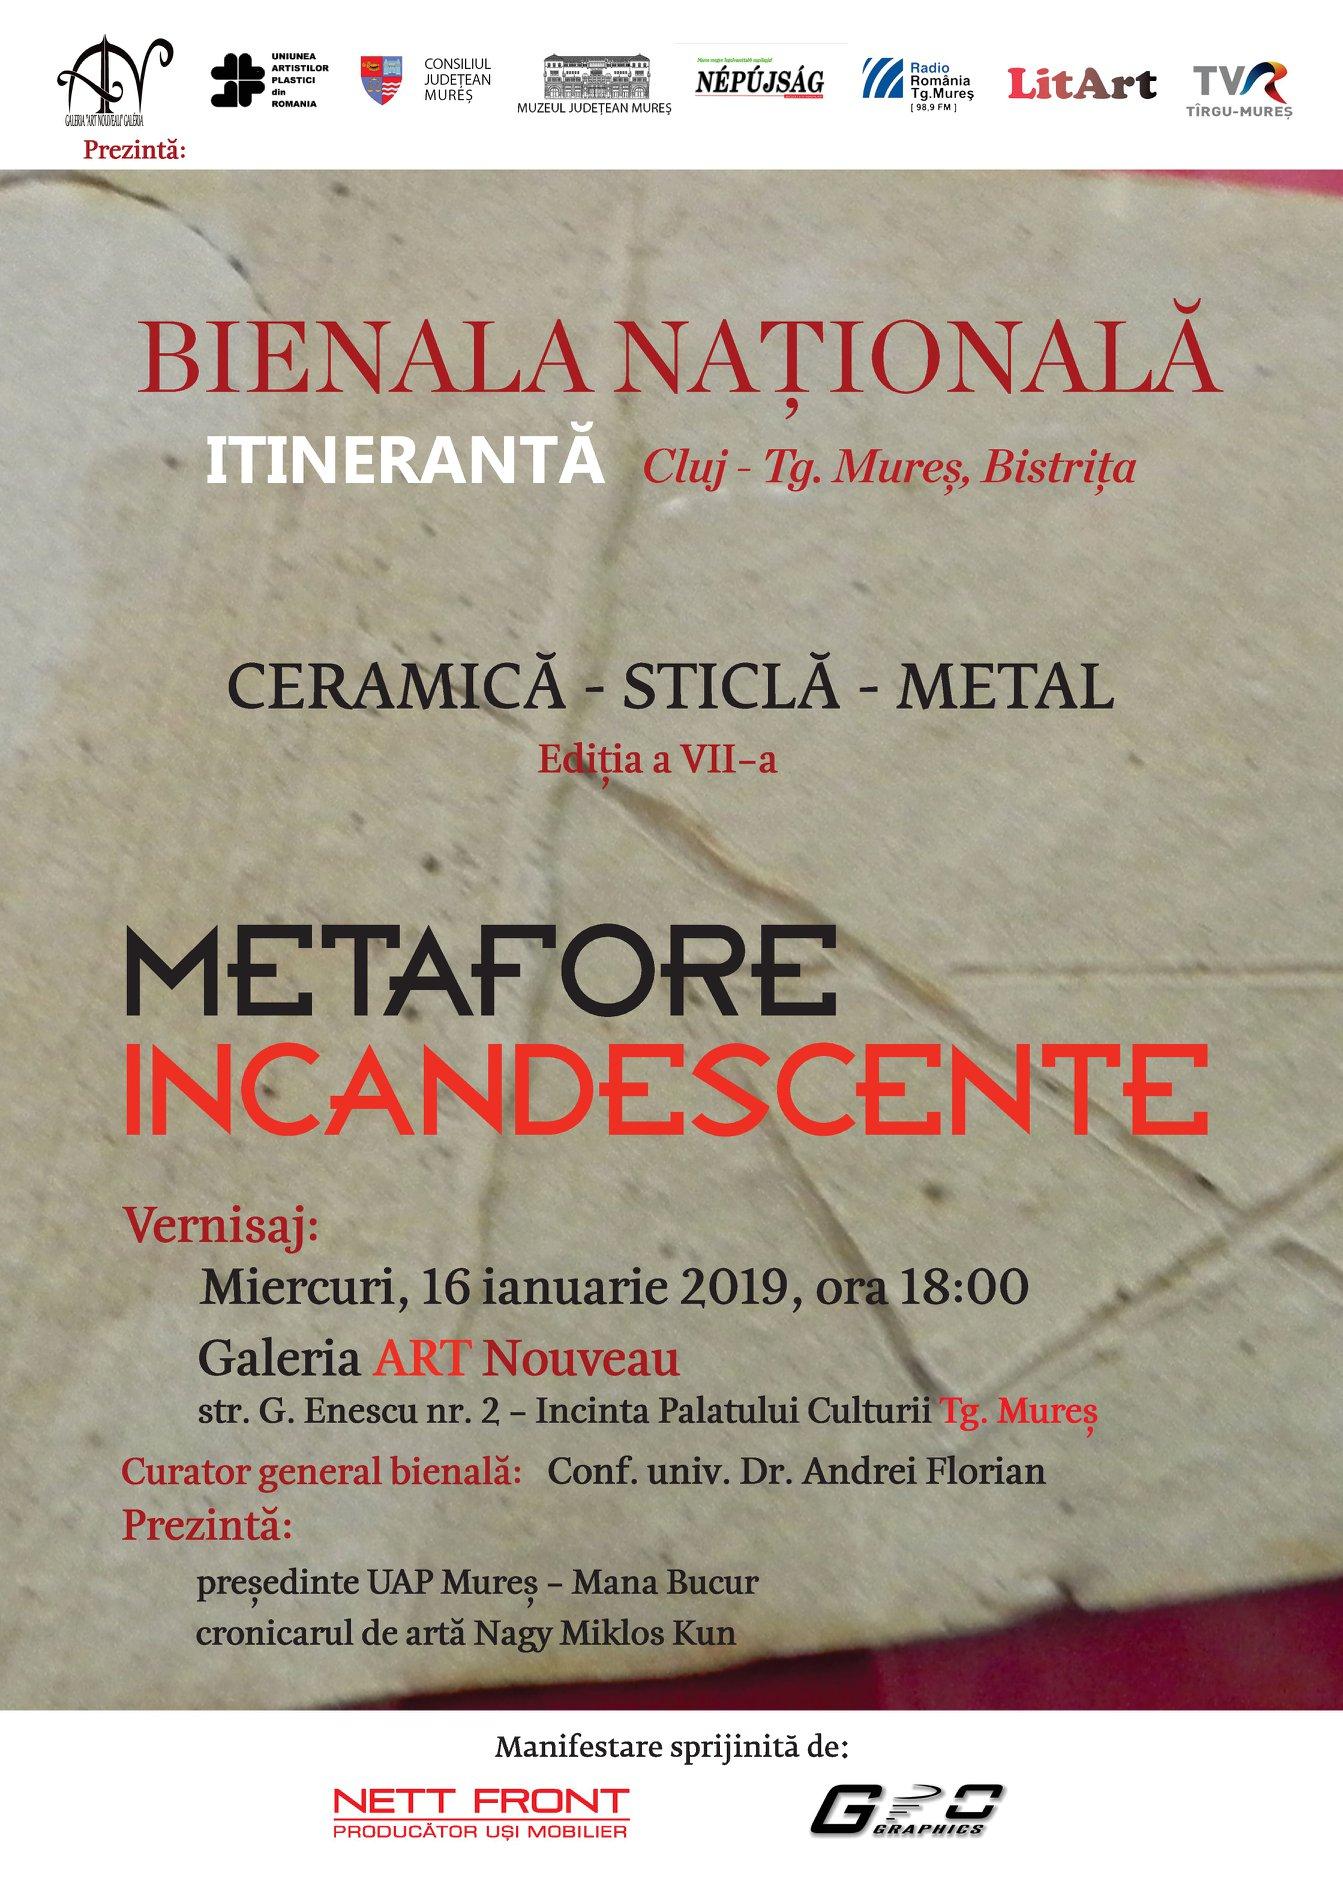 Bienala națională: ceramică-sticlă-metal